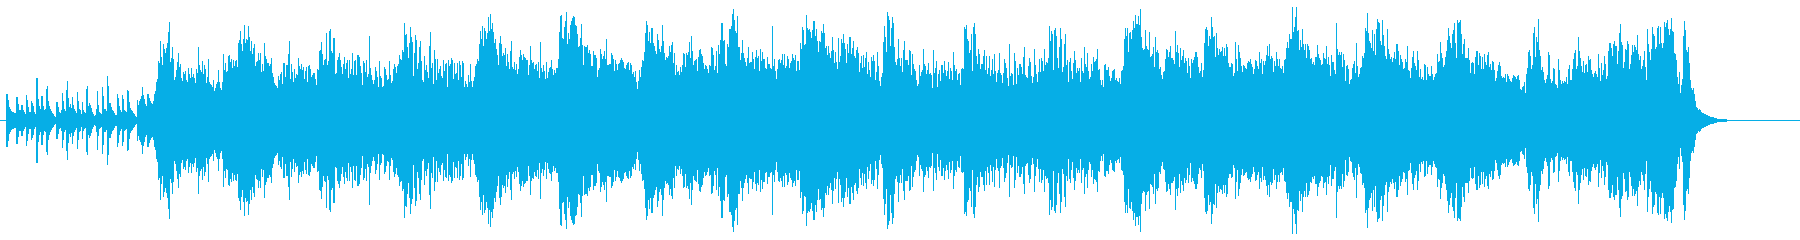 栄華を極めた古都の邦楽特選大名行列の再生済みの波形